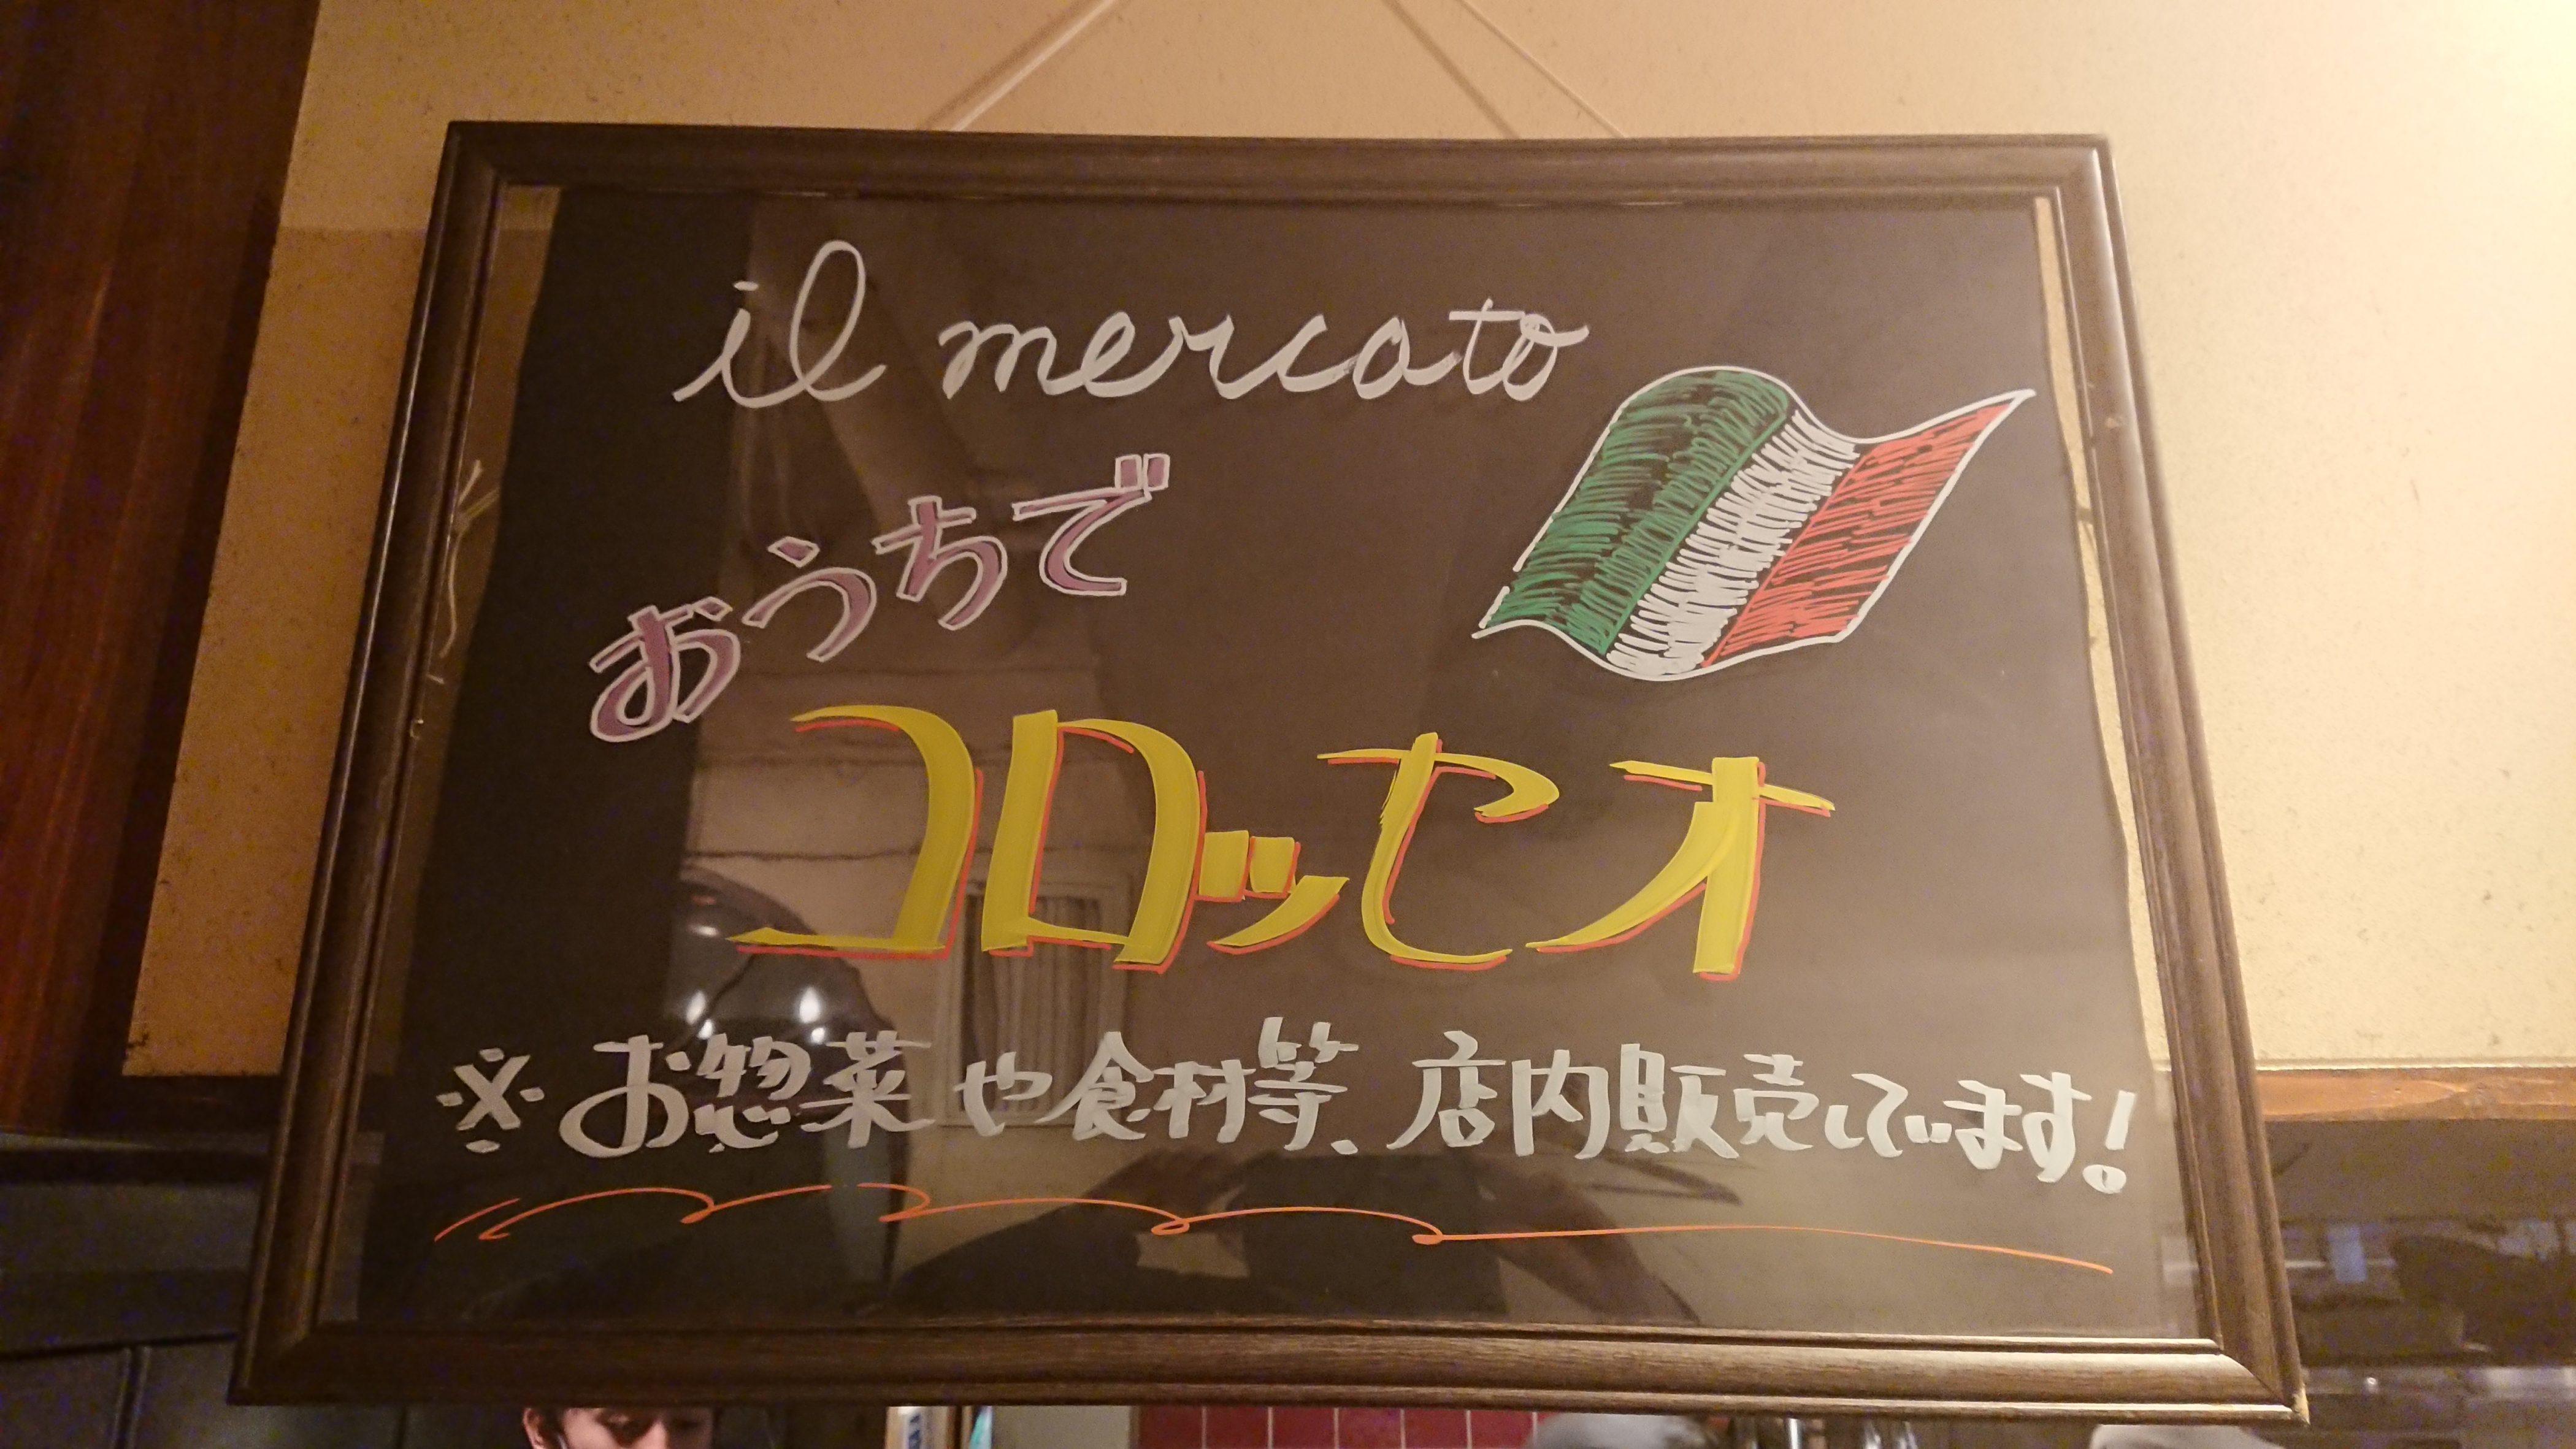 中目黒 スーパーマーケット